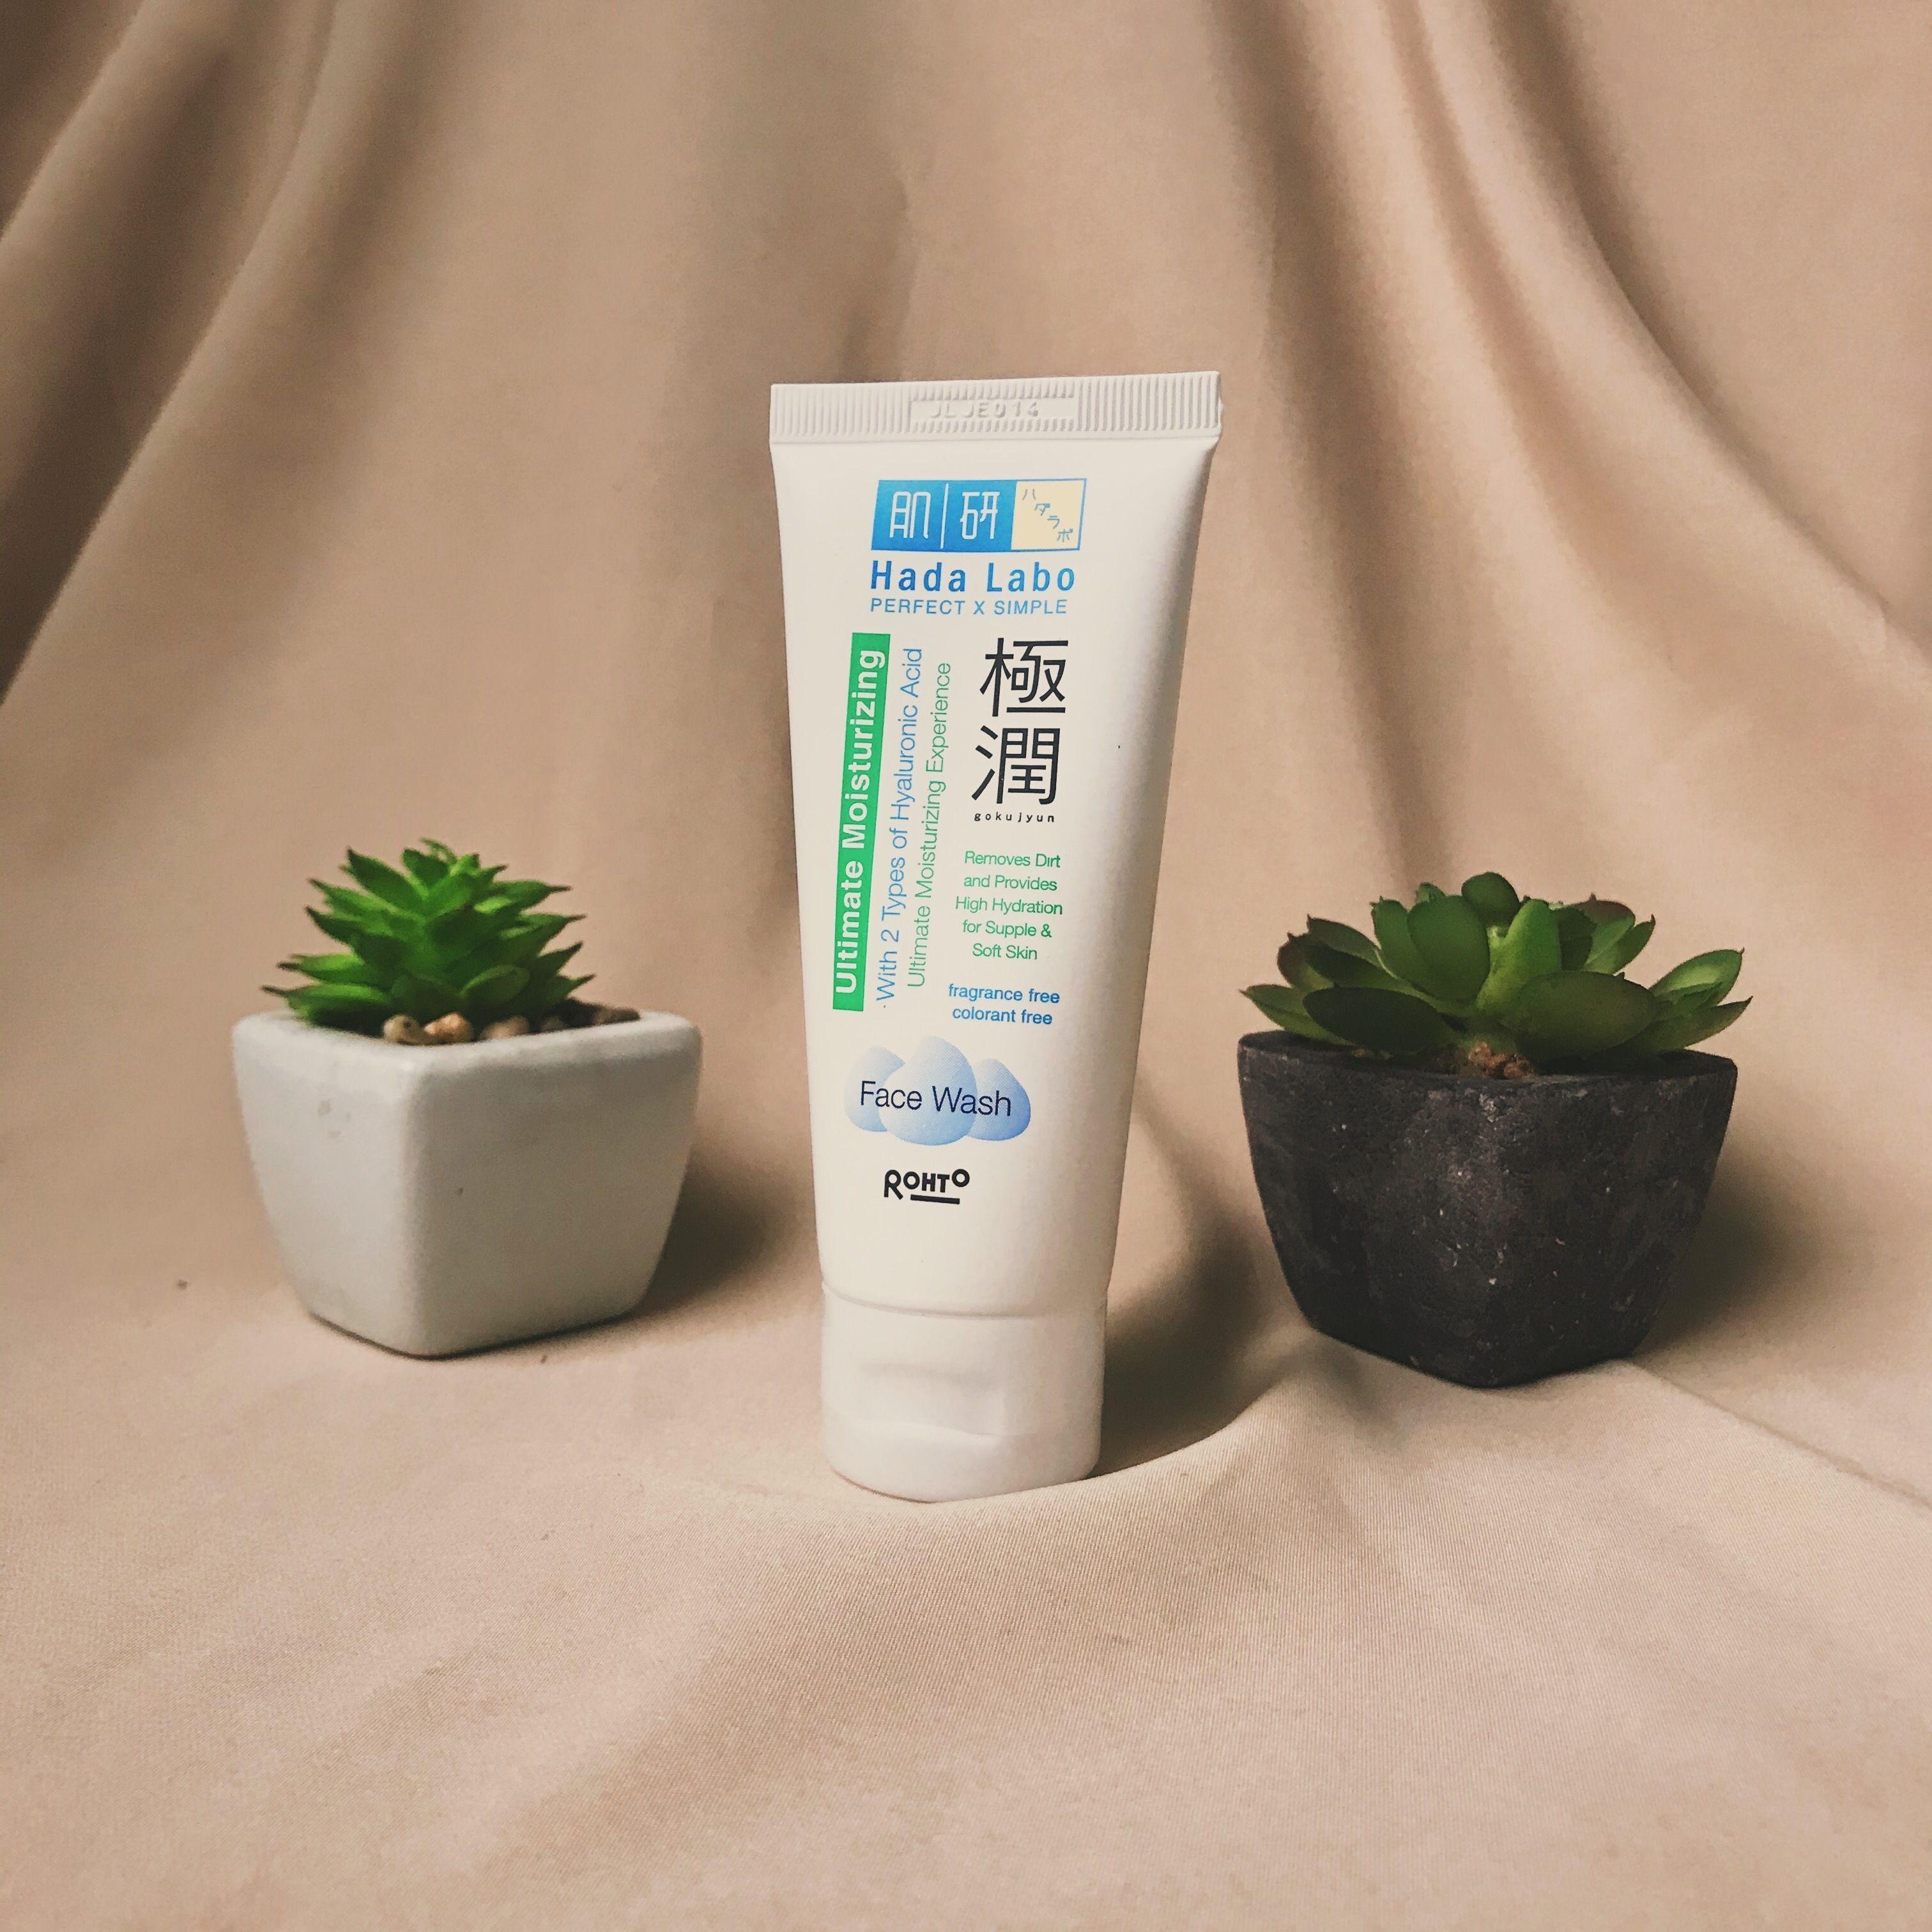 Review Hada Labo Ultimate Moisturizing Gokujyun Face Wash Hada Labo Face Wash Skin Care Kit